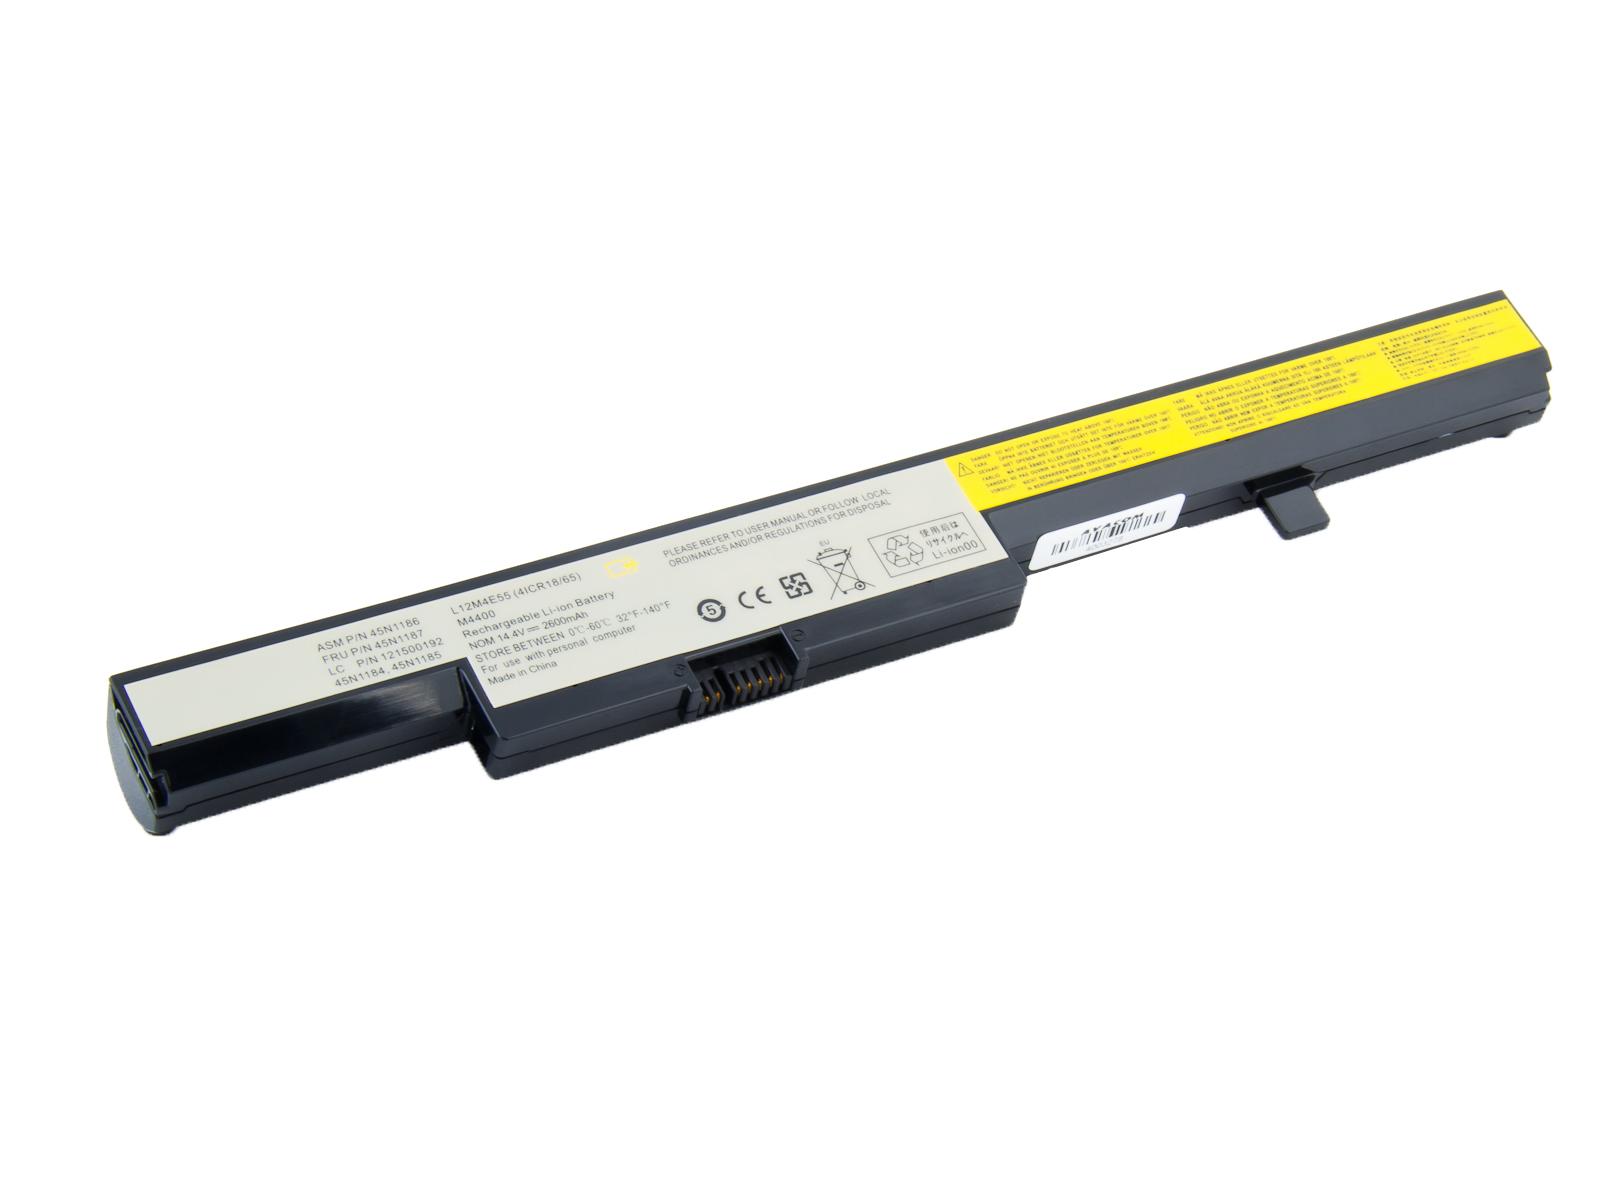 Baterie AVACOM NOLE-B50-S26 pro Lenovo IdeaPad B50 Li-Ion 14,4V 2600mAh